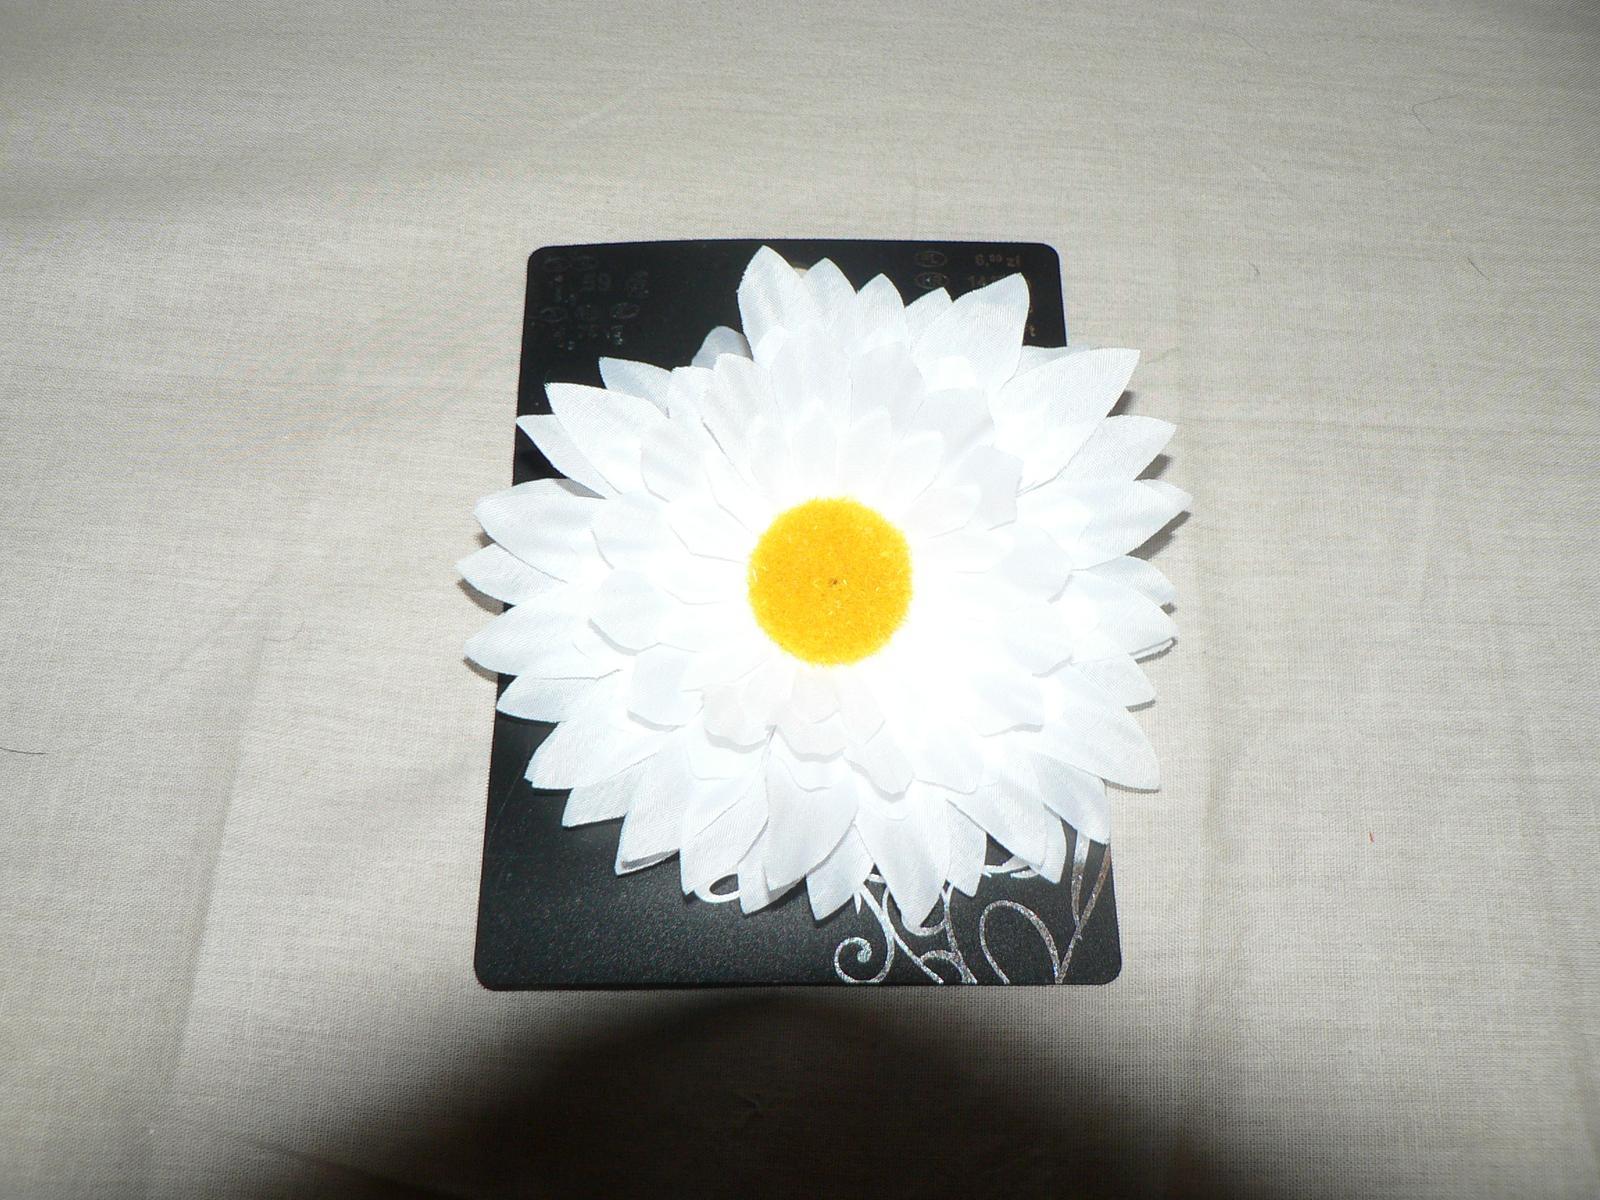 Čo už máme... :) - Kvet do vlasov- pravdepodobne ten budem mat pocas obradu - 1,79eur - KIK